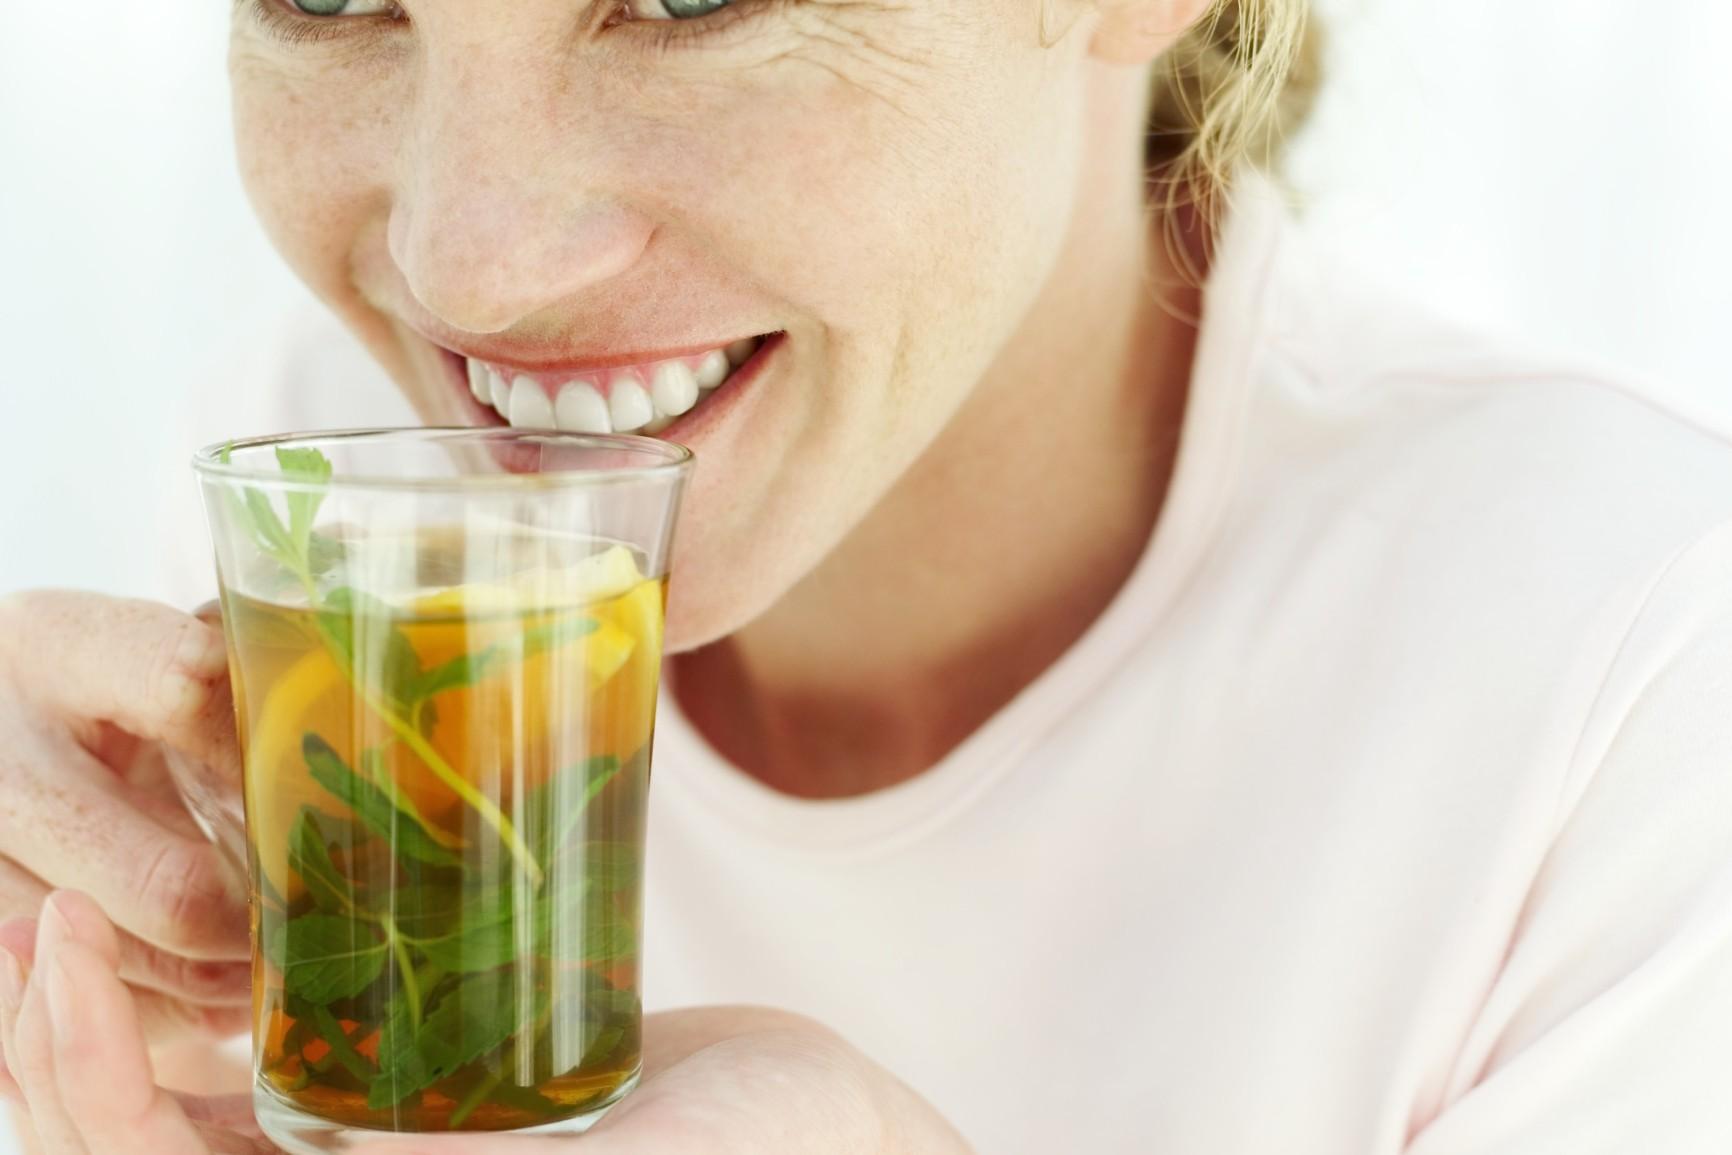 Лечение травами при вирусных заболеваниях